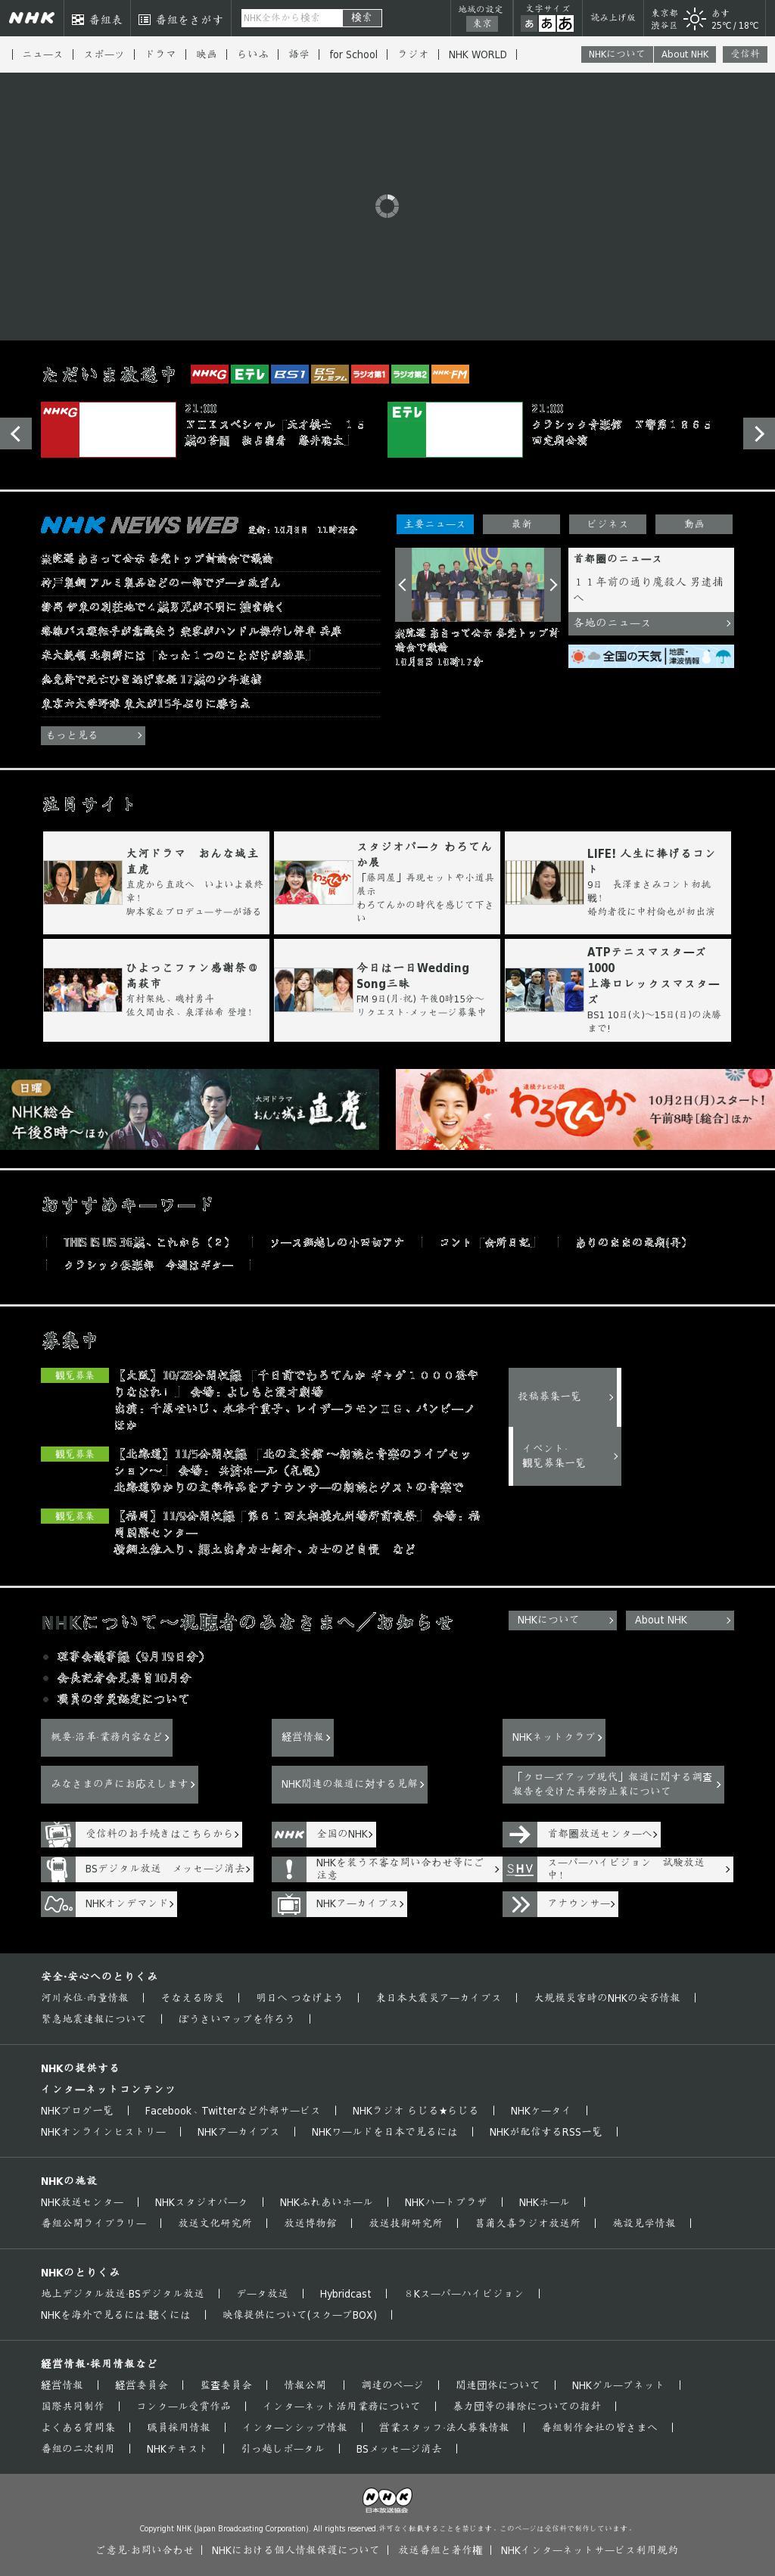 NHK Online at Sunday Oct. 8, 2017, 12:09 p.m. UTC